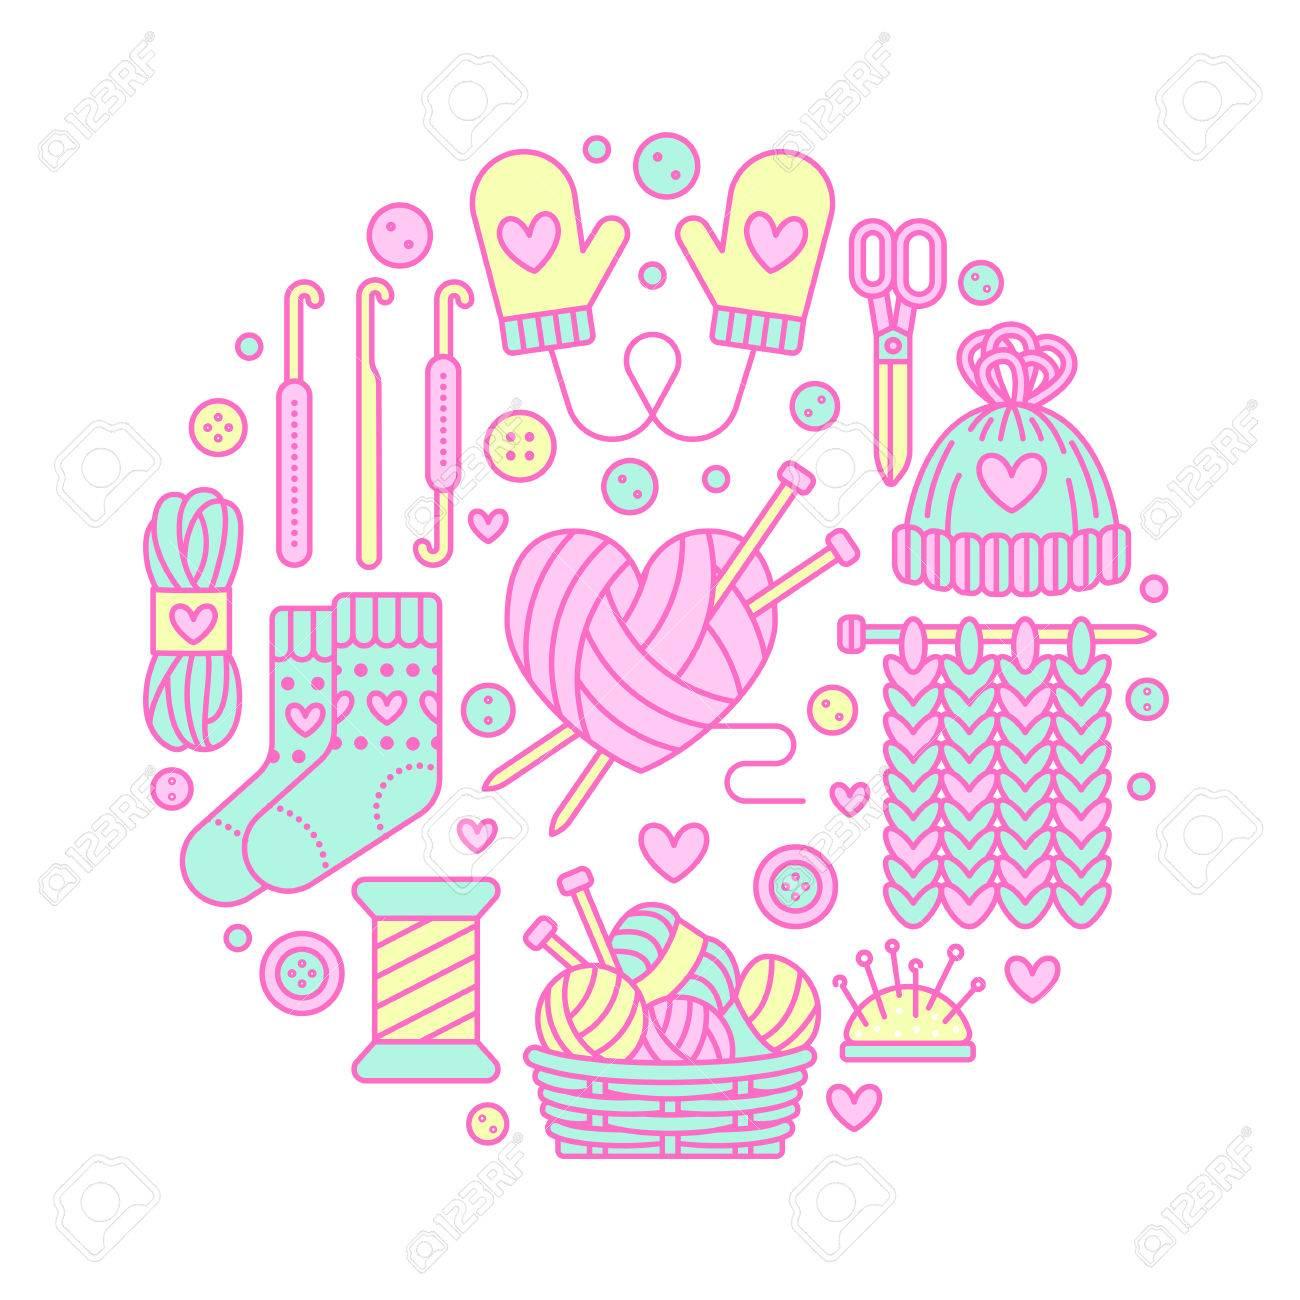 Knitting, crochet, hand made banner illustration. Vector line...